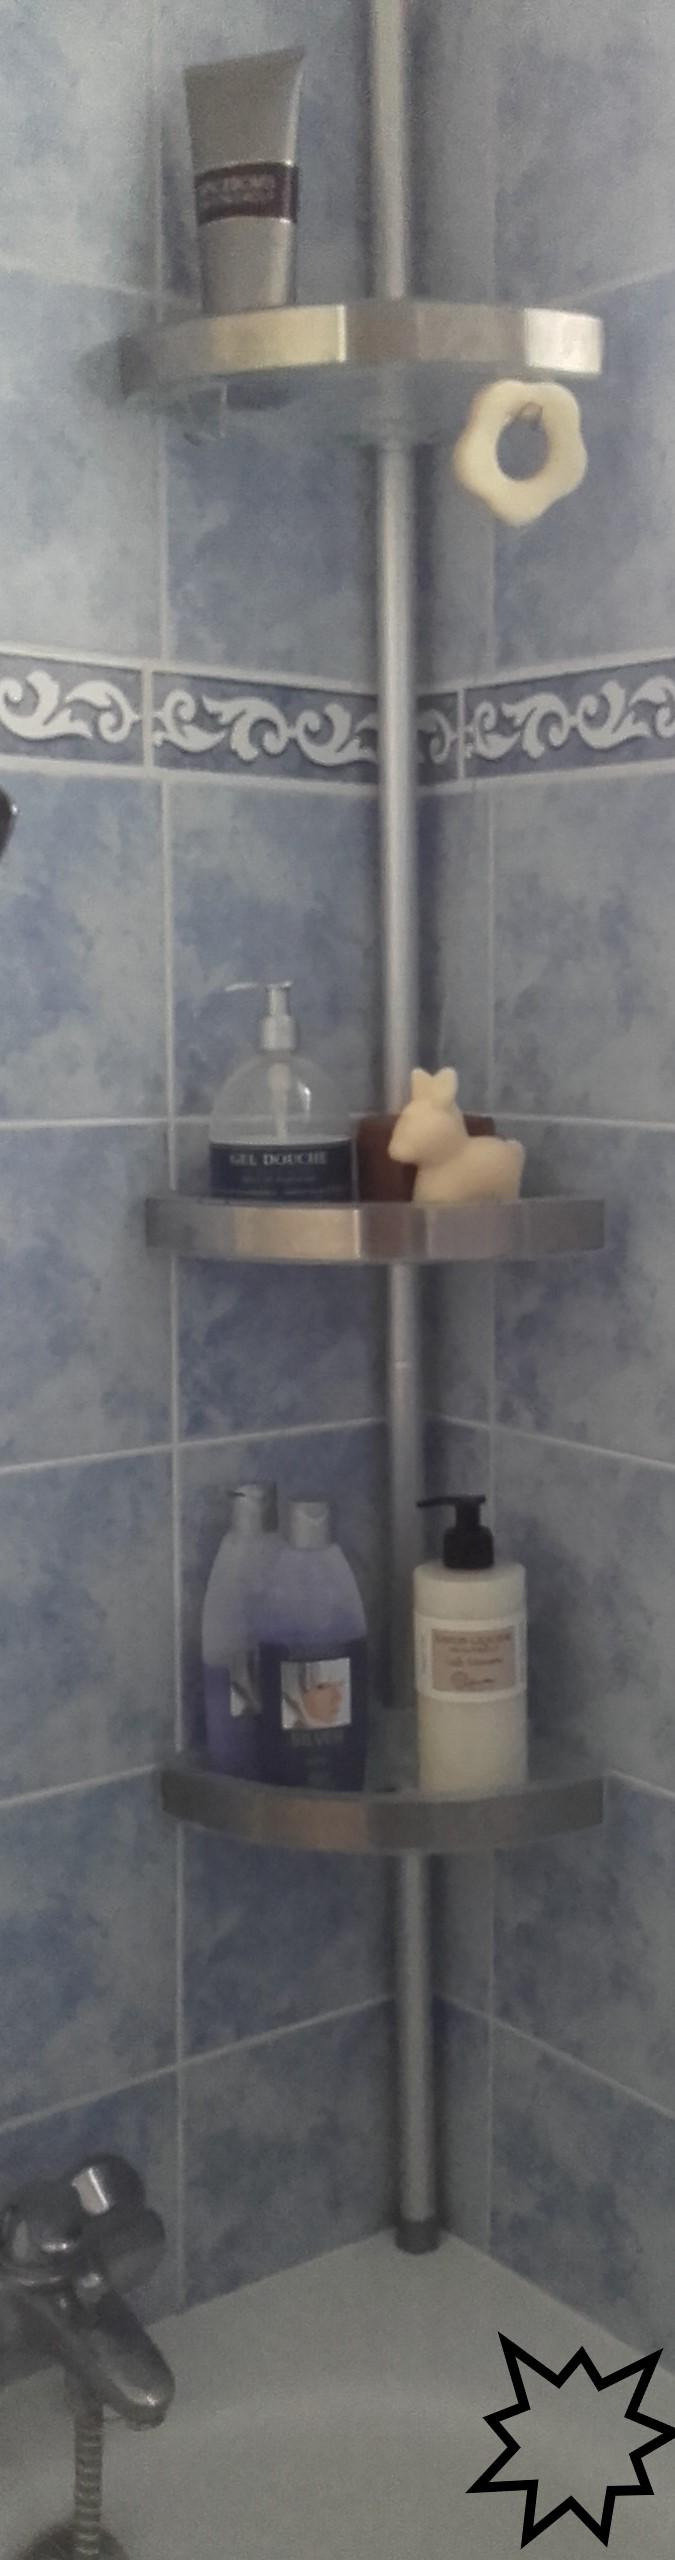 J'ai testé pour vous etagère télescopique pour salle de bain WENKO